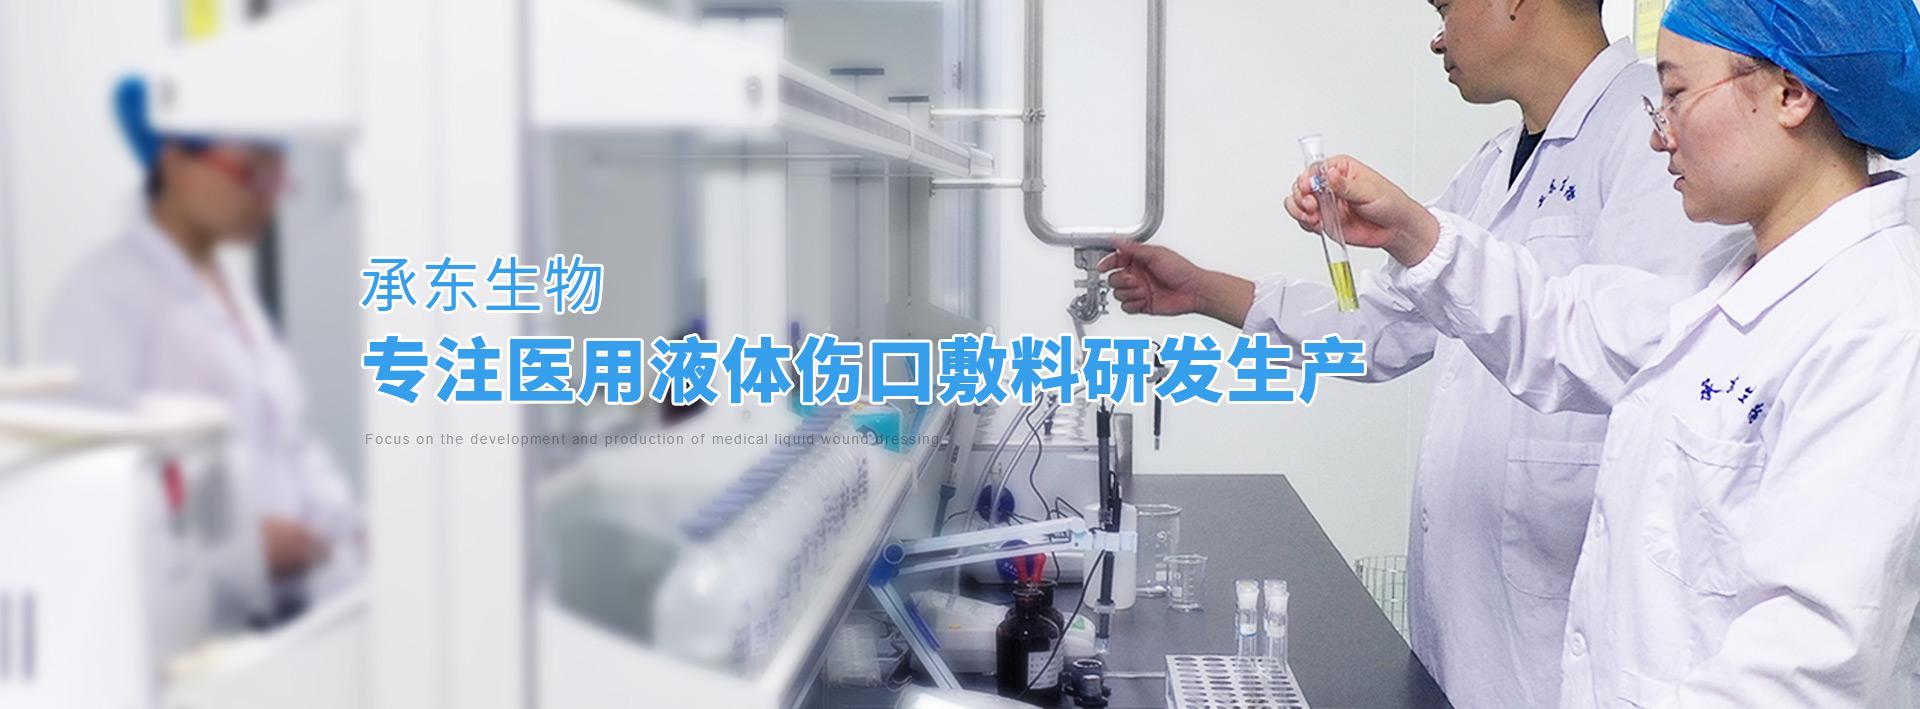 承东生物专注医用液体伤口敷料研发生产